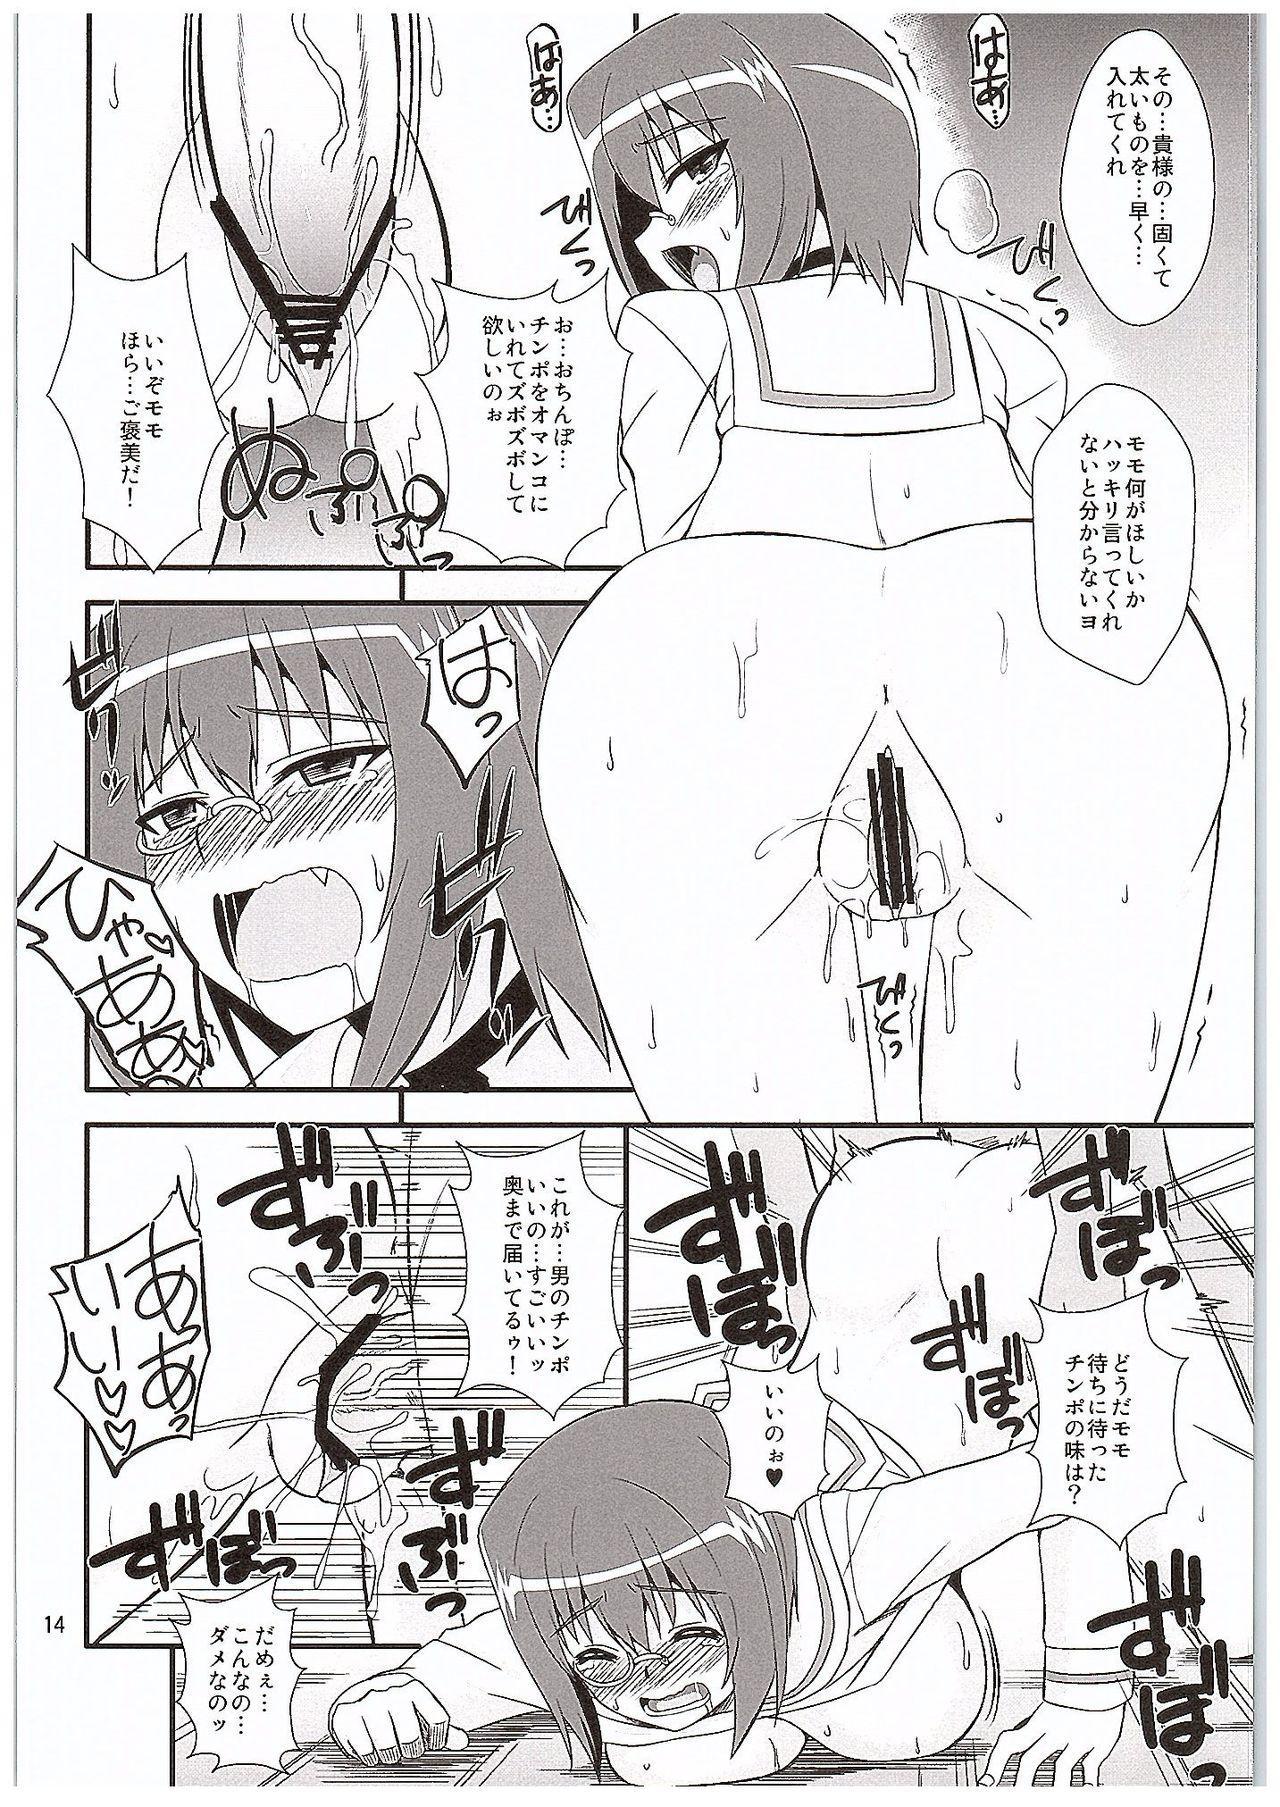 Momo x Kei 12